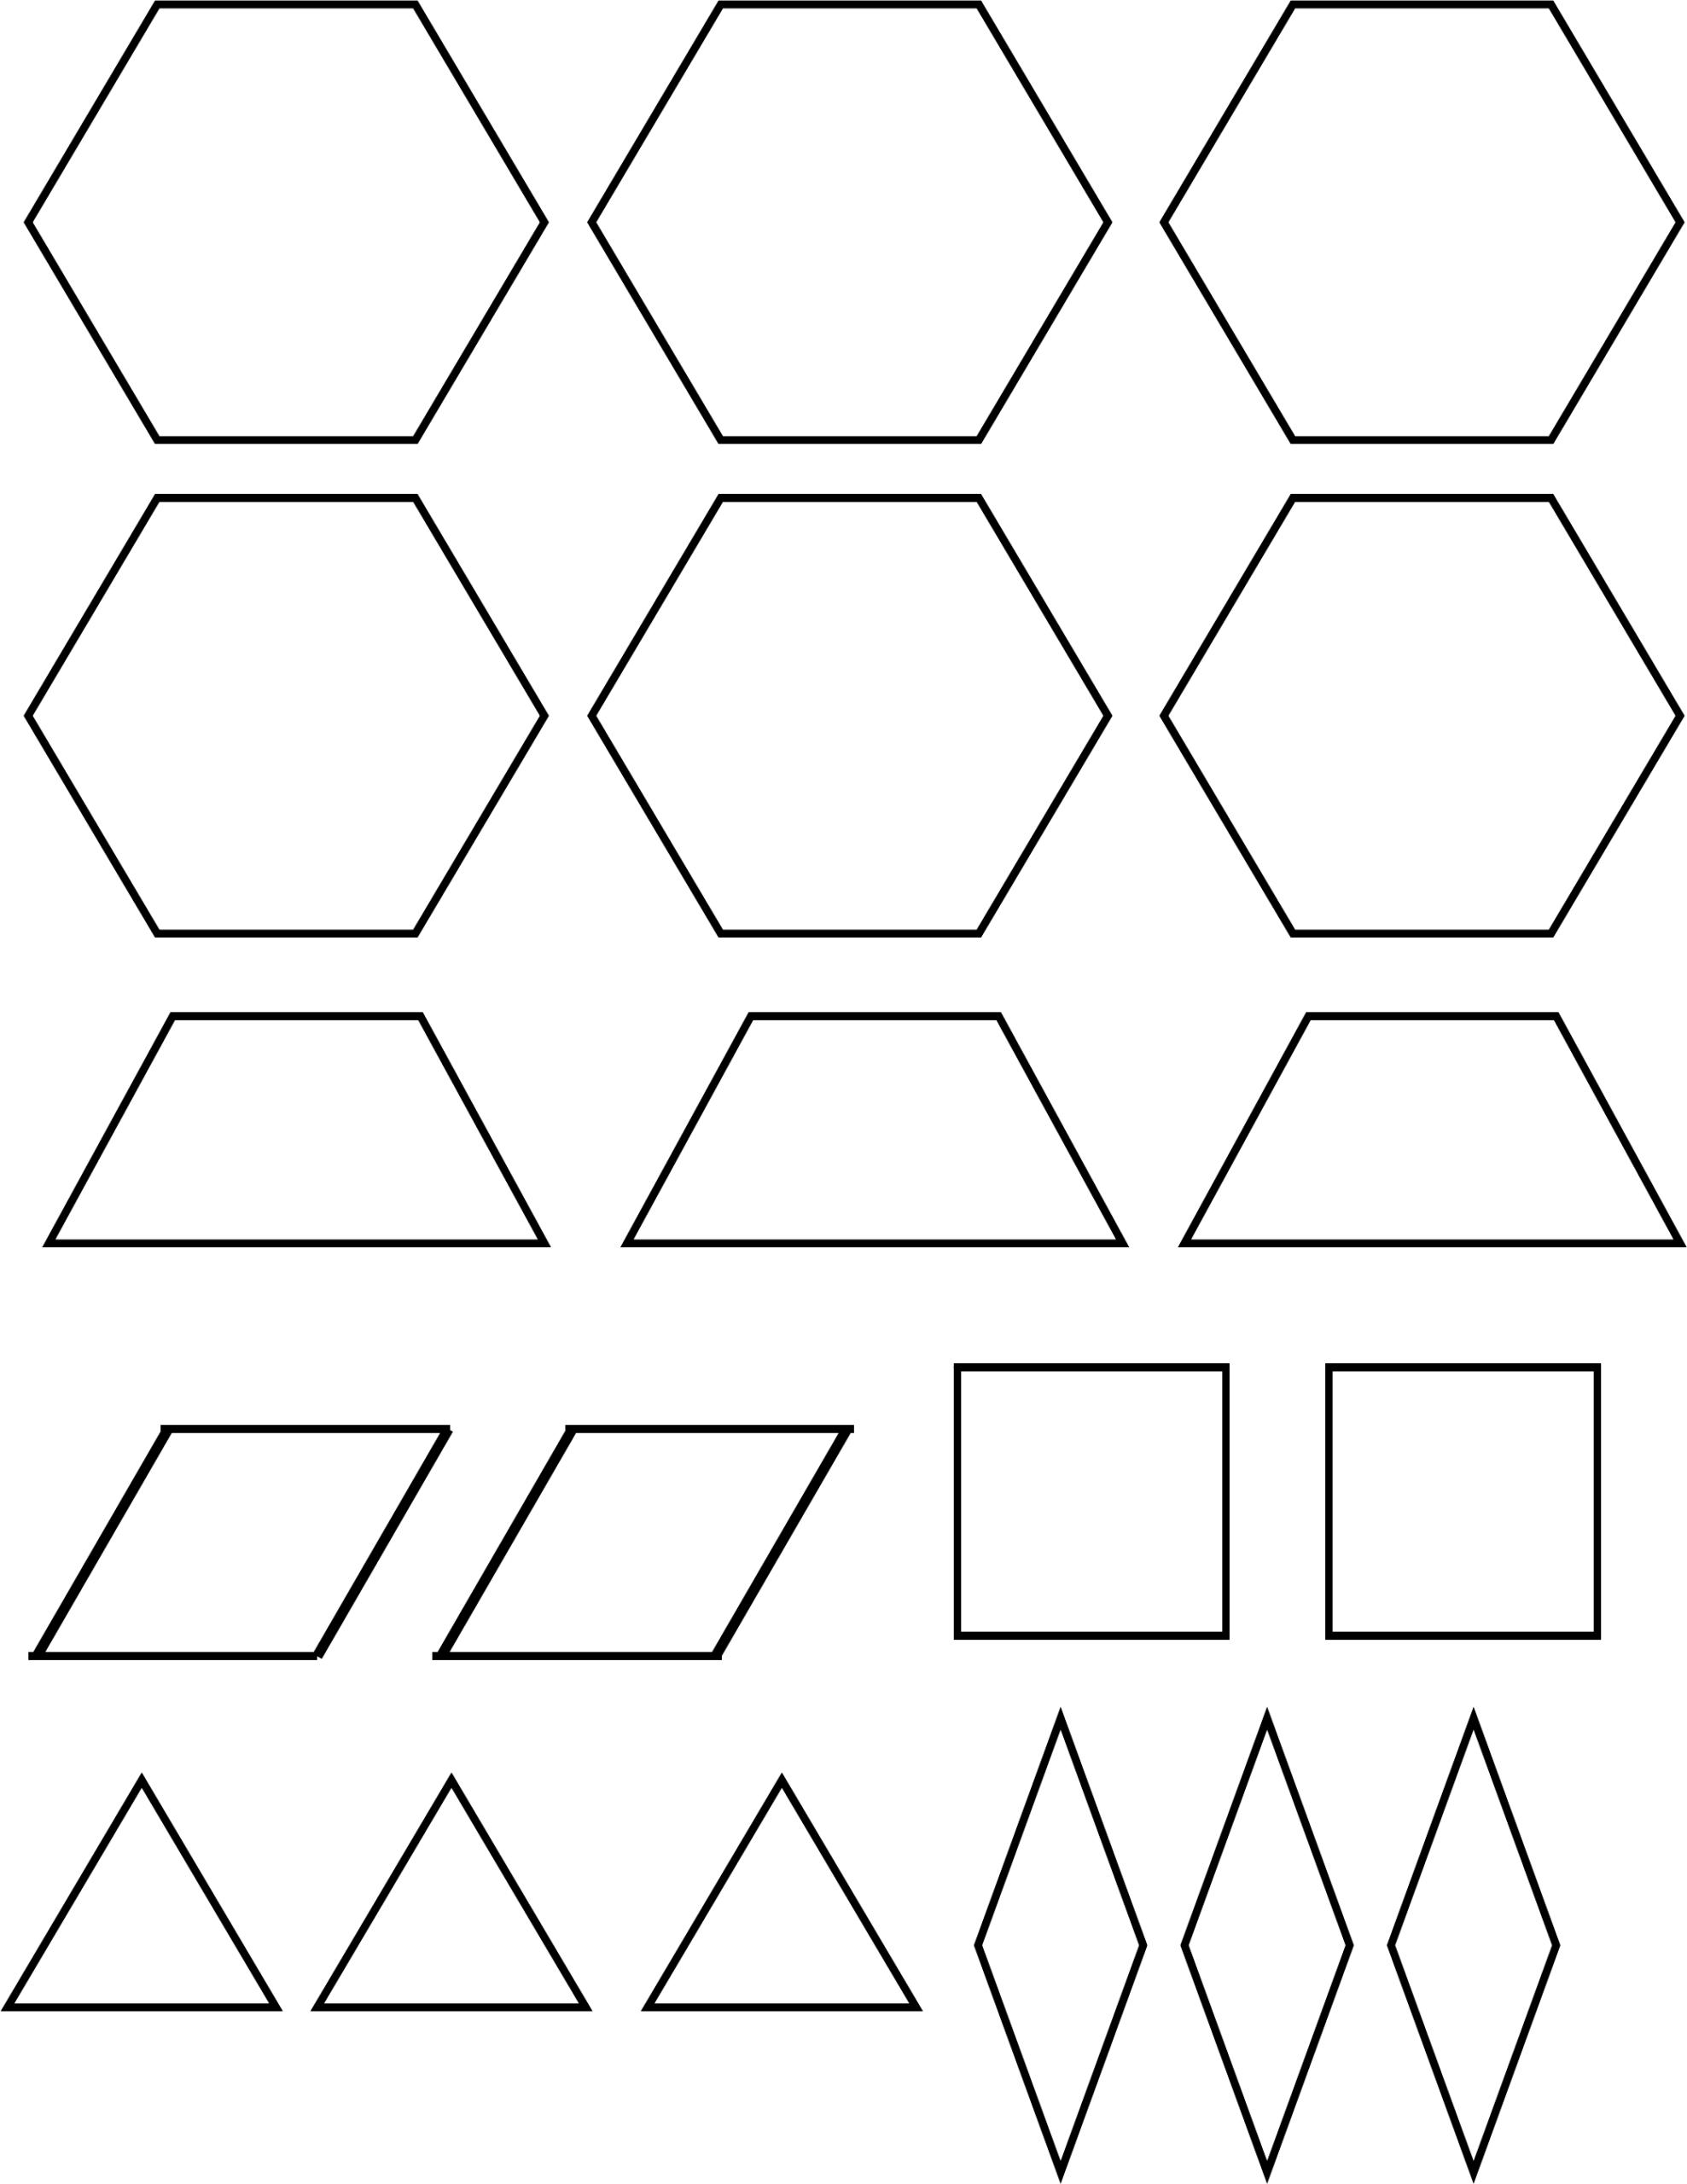 Pattern Block Templates Pdf - Karati.ald2014 With Regard To Blank Pattern Block Templates